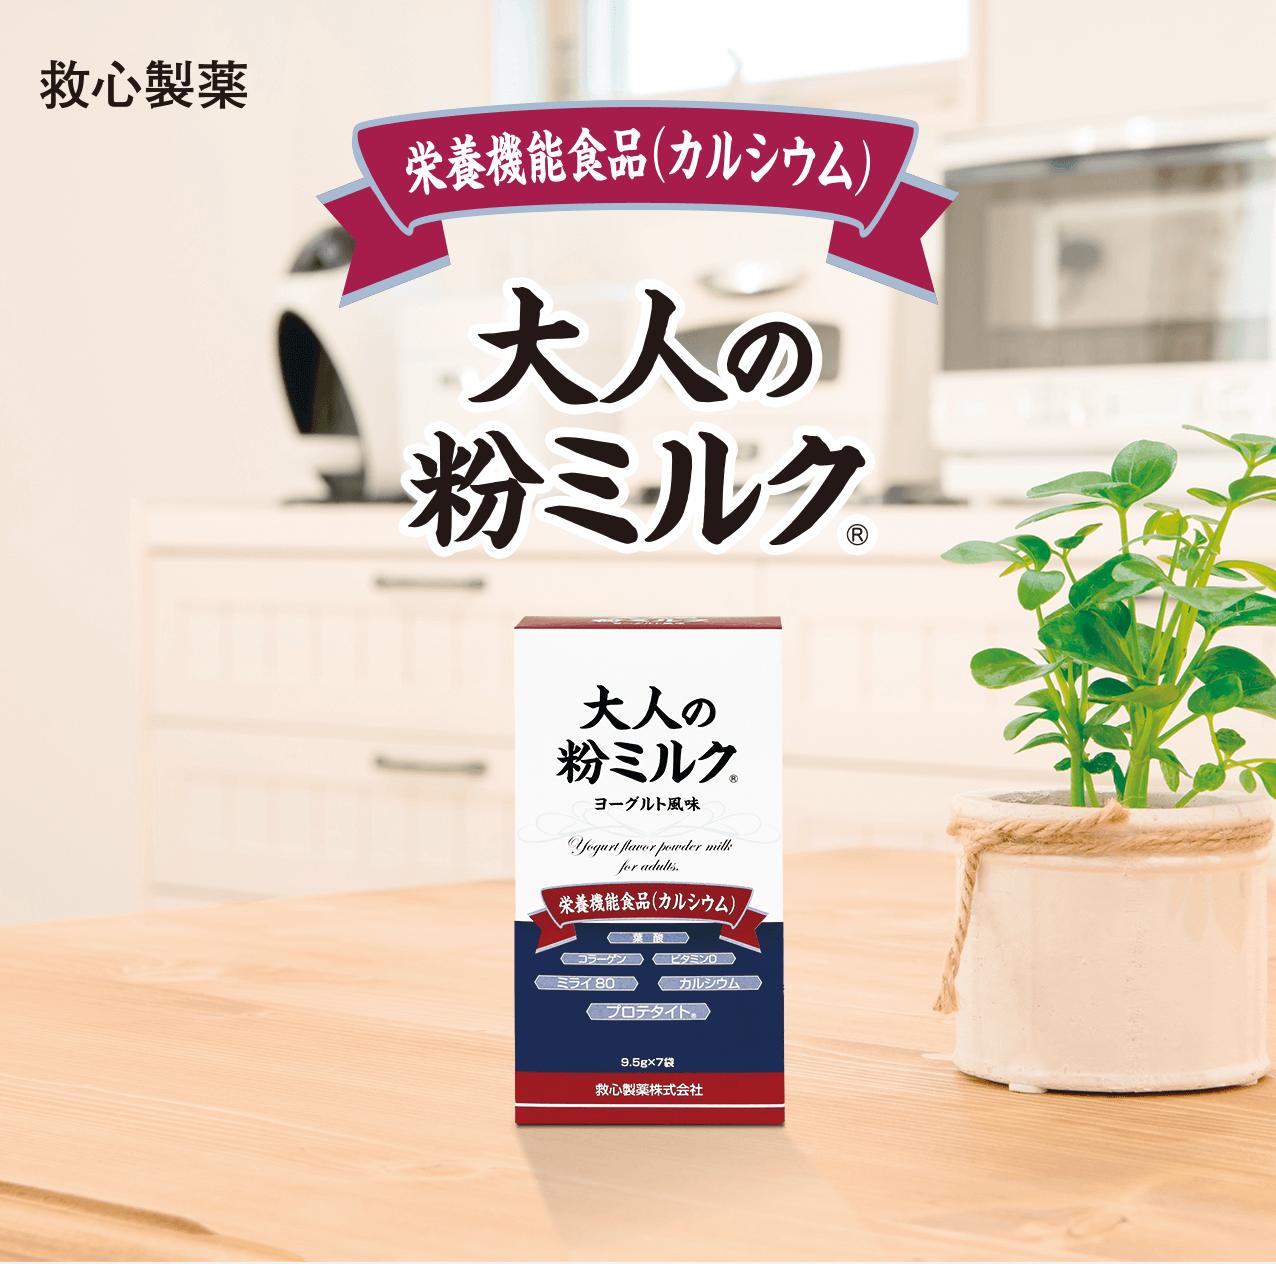 栄養機能食品(カルシウム) 大人の粉ミルク